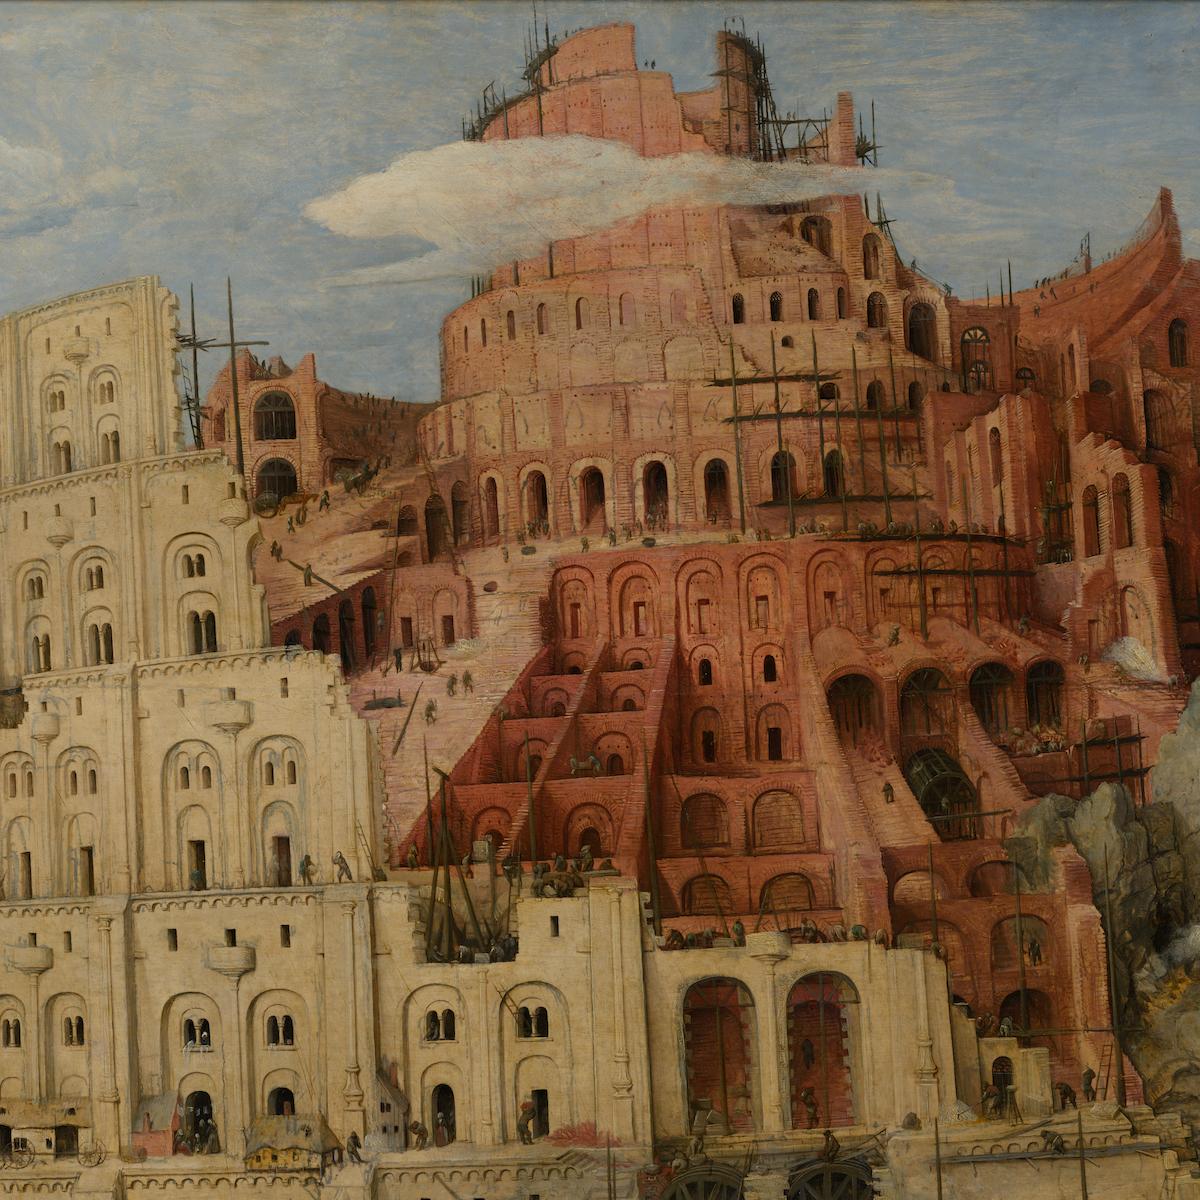 Pieter Bruegel the Elder - The Tower of Babel (Google Art Project)